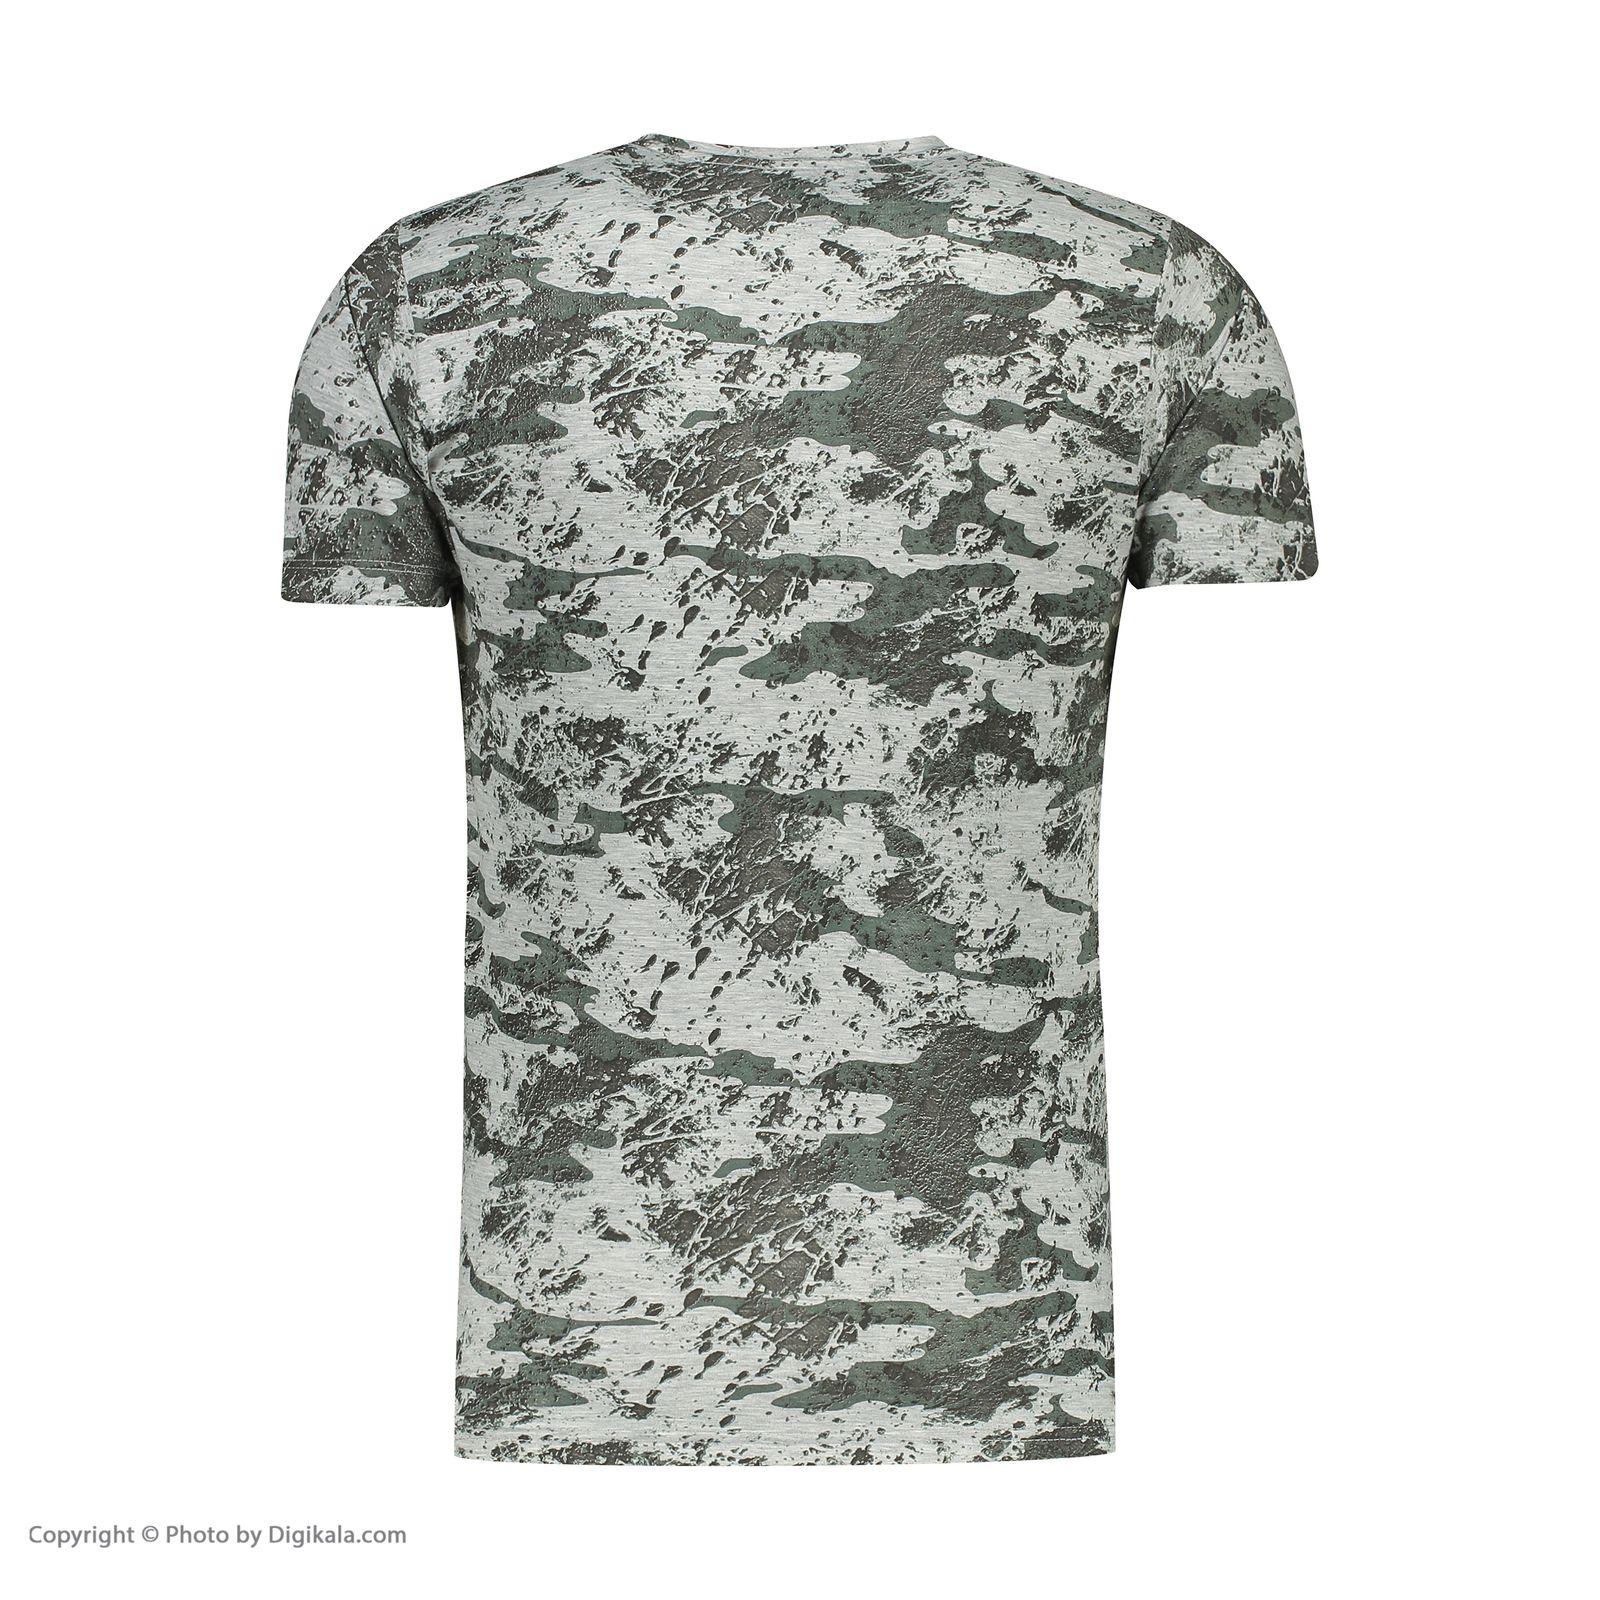 ست تی شرت و شلوار مردانه کد 111213-3 -  - 5